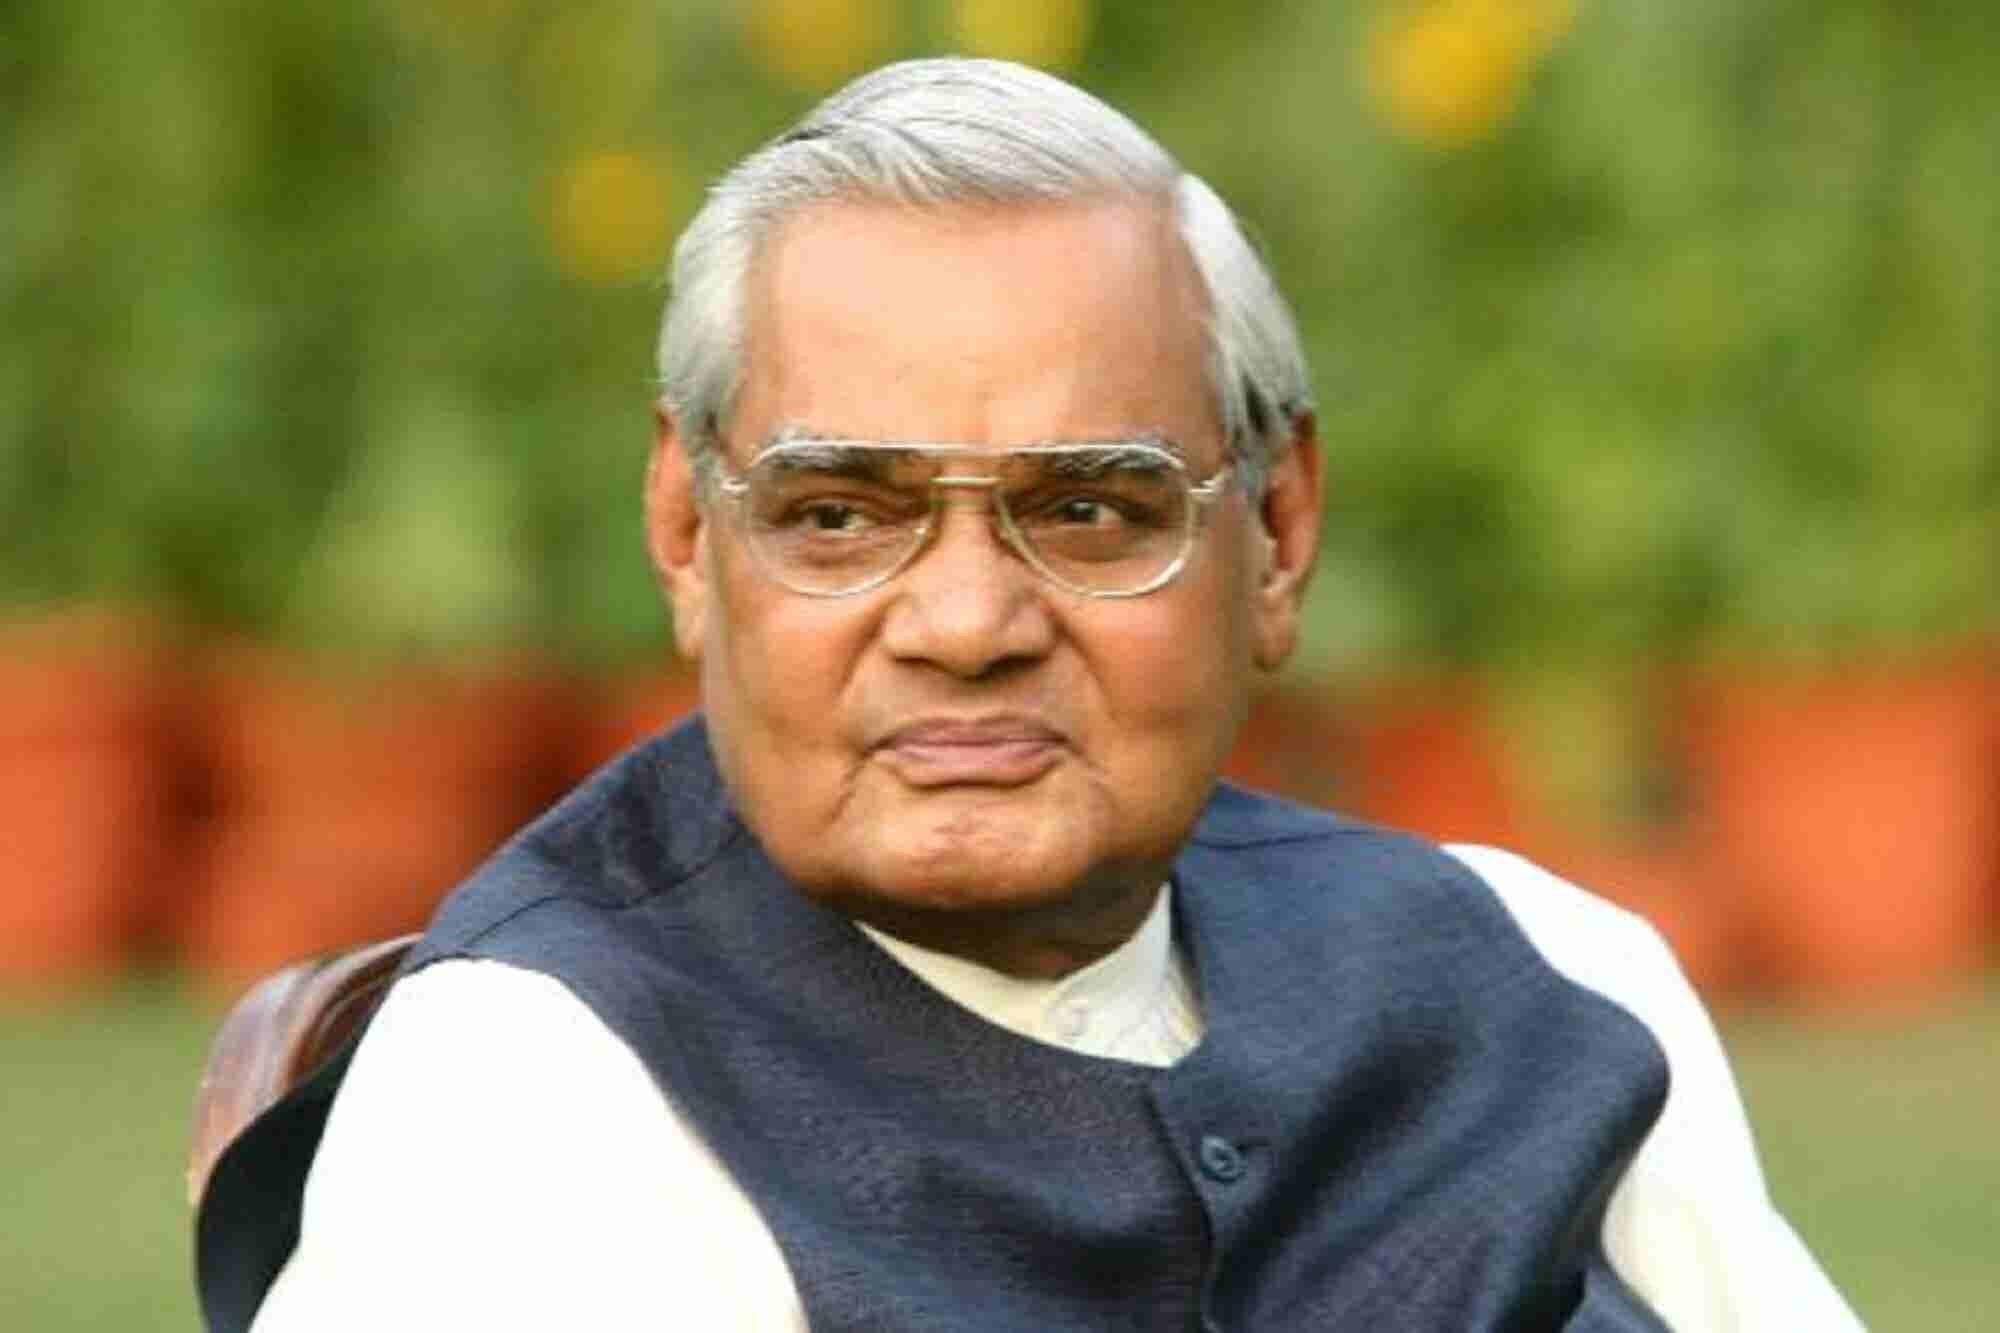 India's Leader of the Masses Bid Adieu at 93